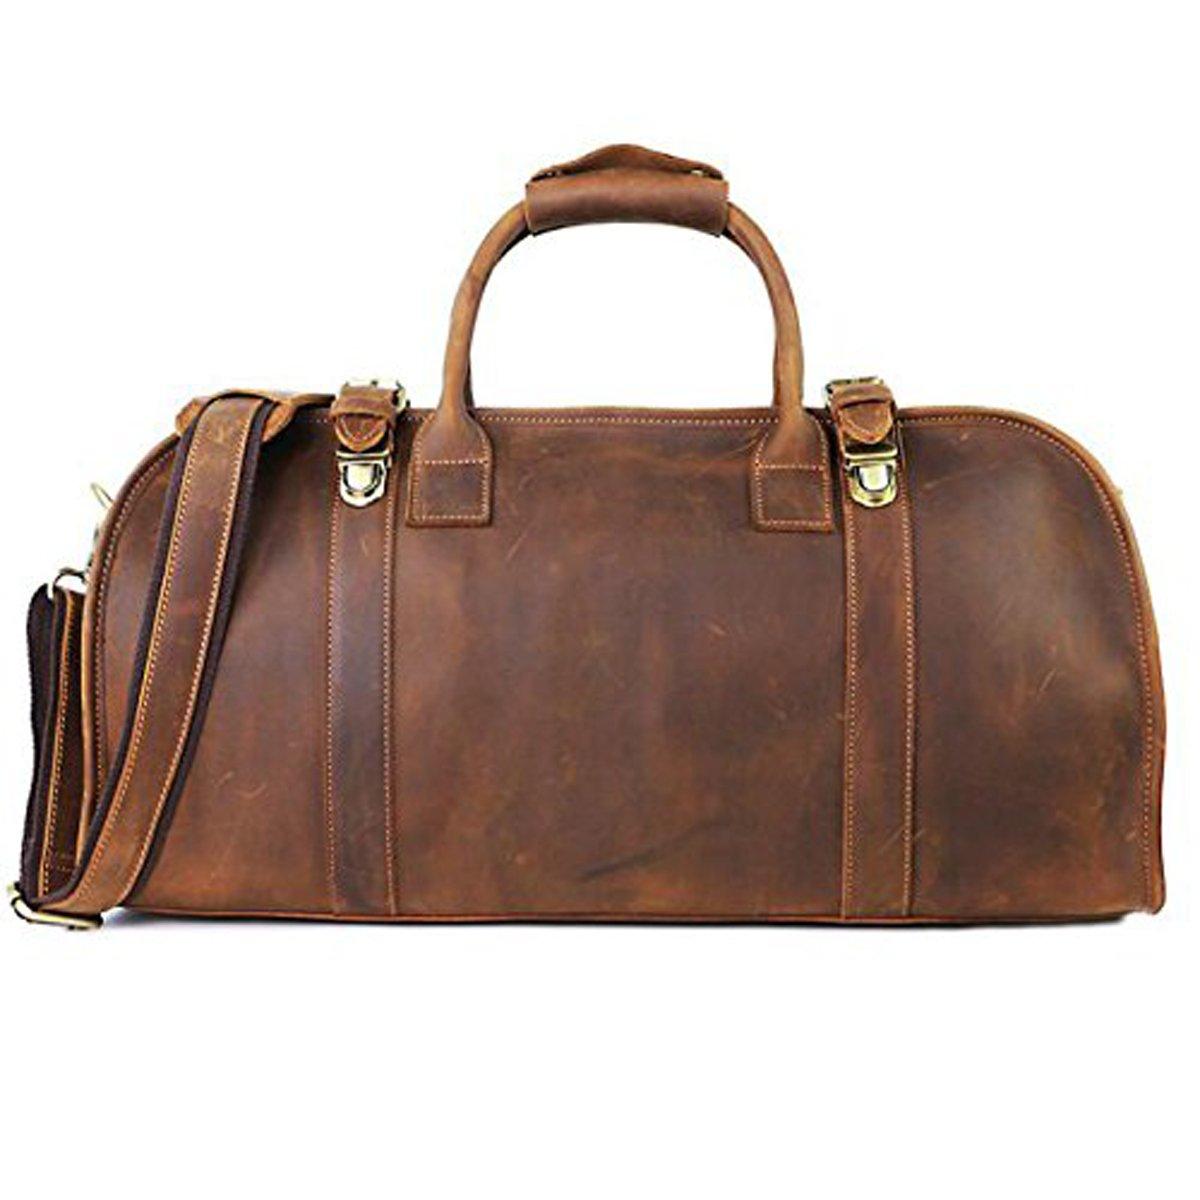 Zhihui – 20.4」レザーダッフルバッグレトロメンズウィークエンダー旅行トート荷物ジムバッグ – Carry On Luggage  ブラウン B076SFKL1L